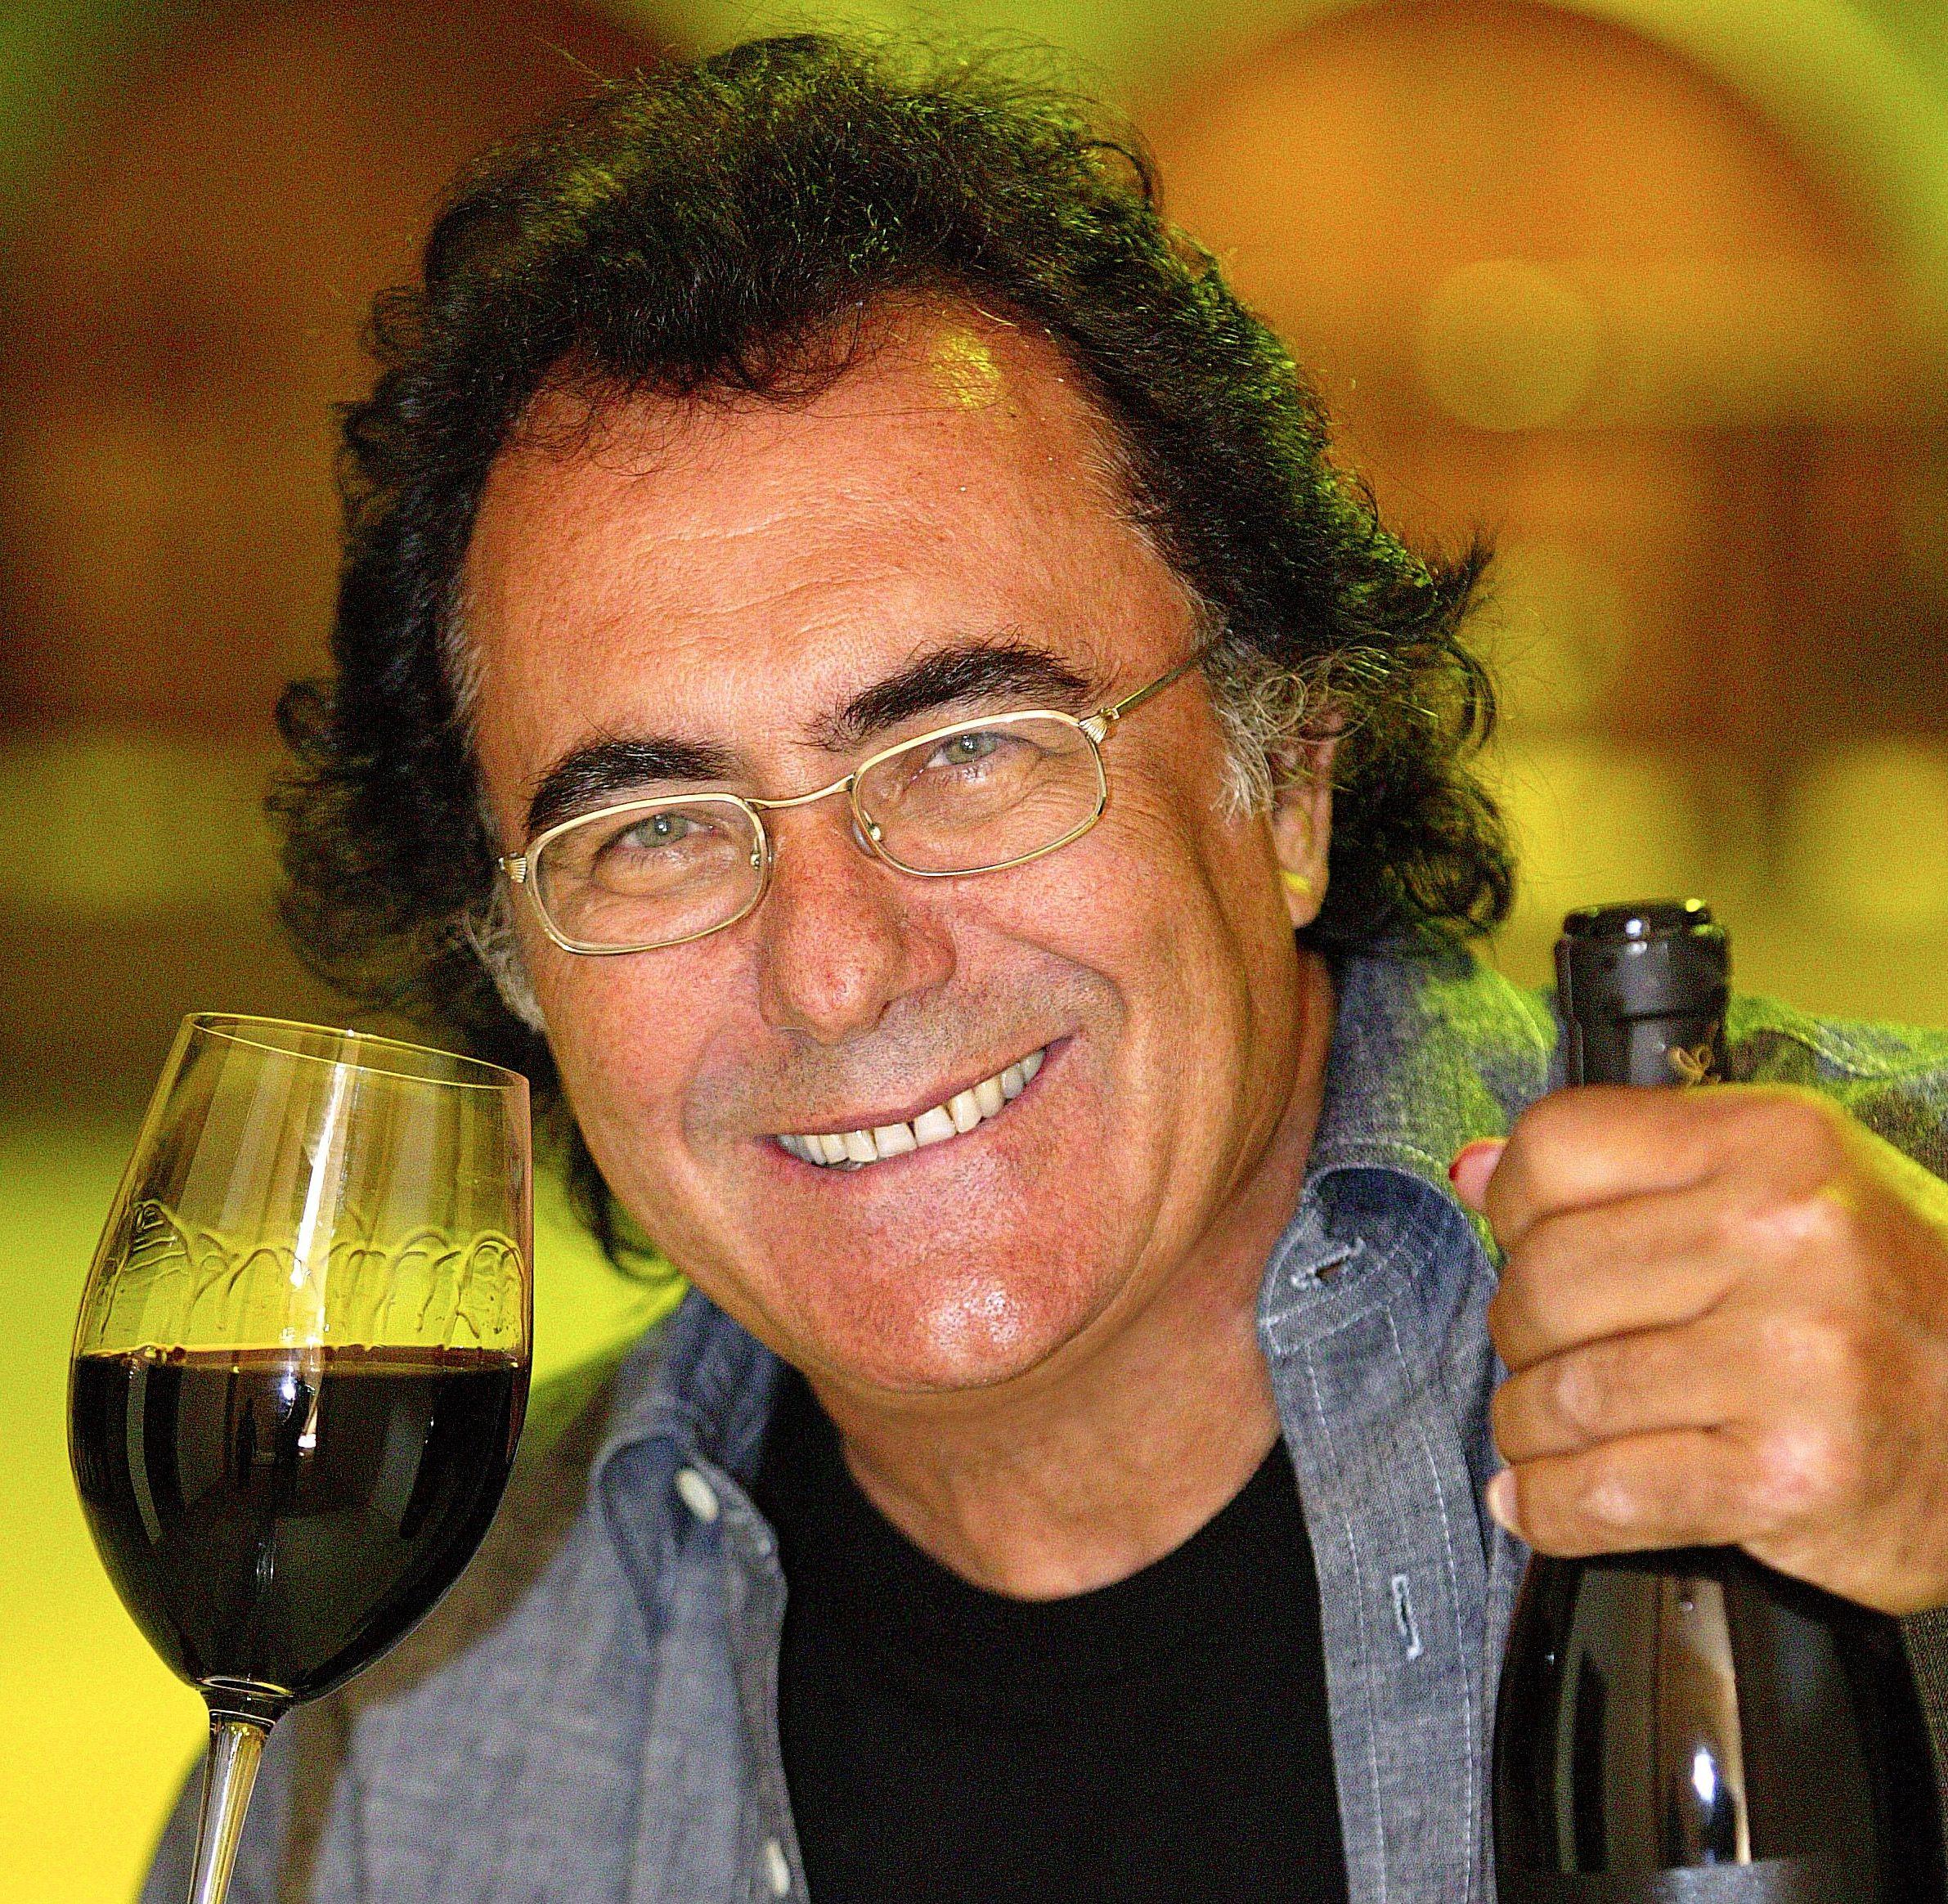 A tavola con... Al Bano Carrisi - Felicità è un bicchiere di vino